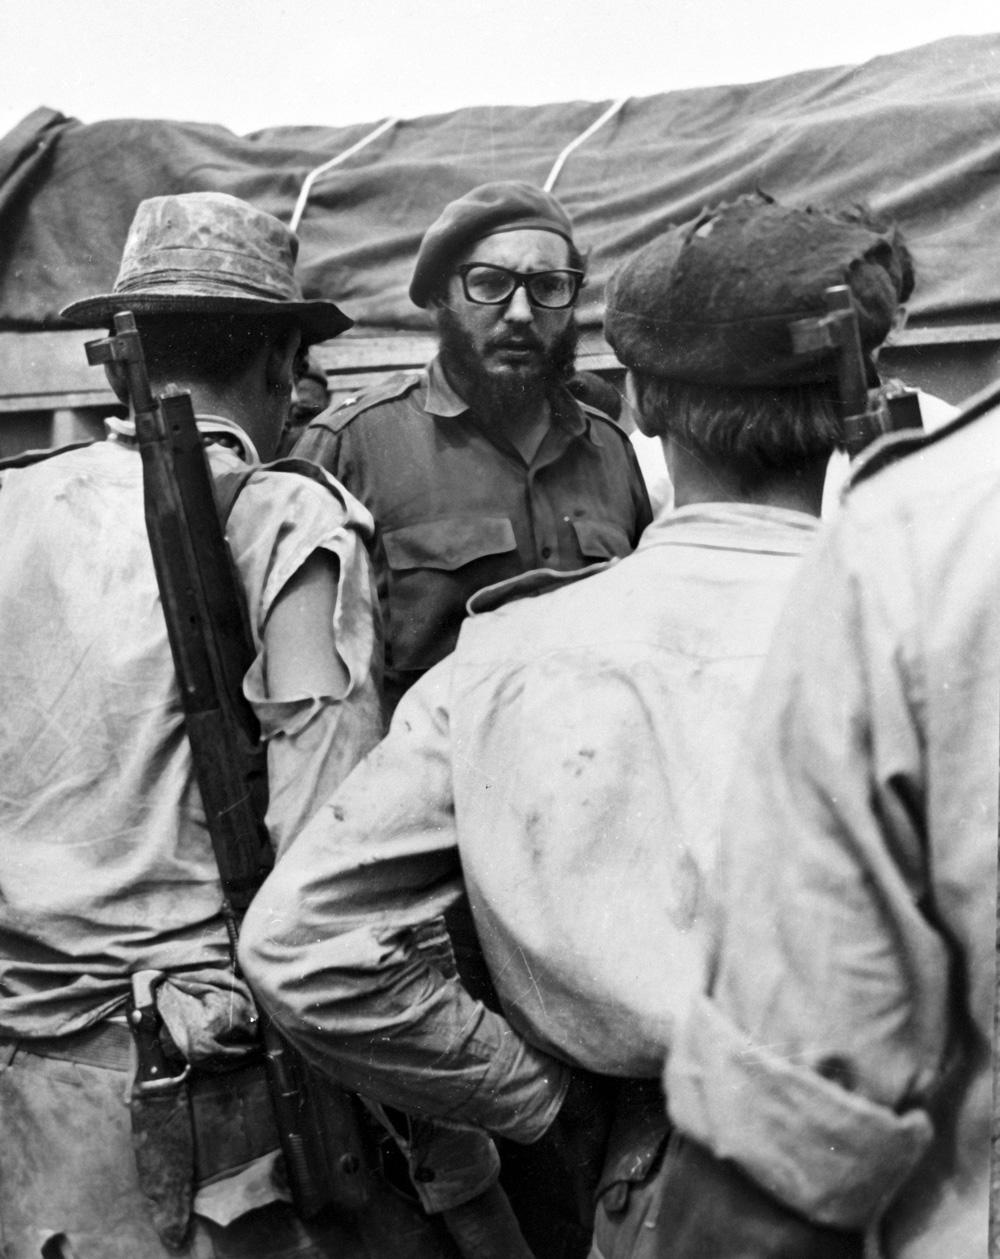 Премьер-министр революционного правительства Кубы Фидель Кастро на одном из участков вторжения американских войск в районе Плайя-Хирон. 1961 год